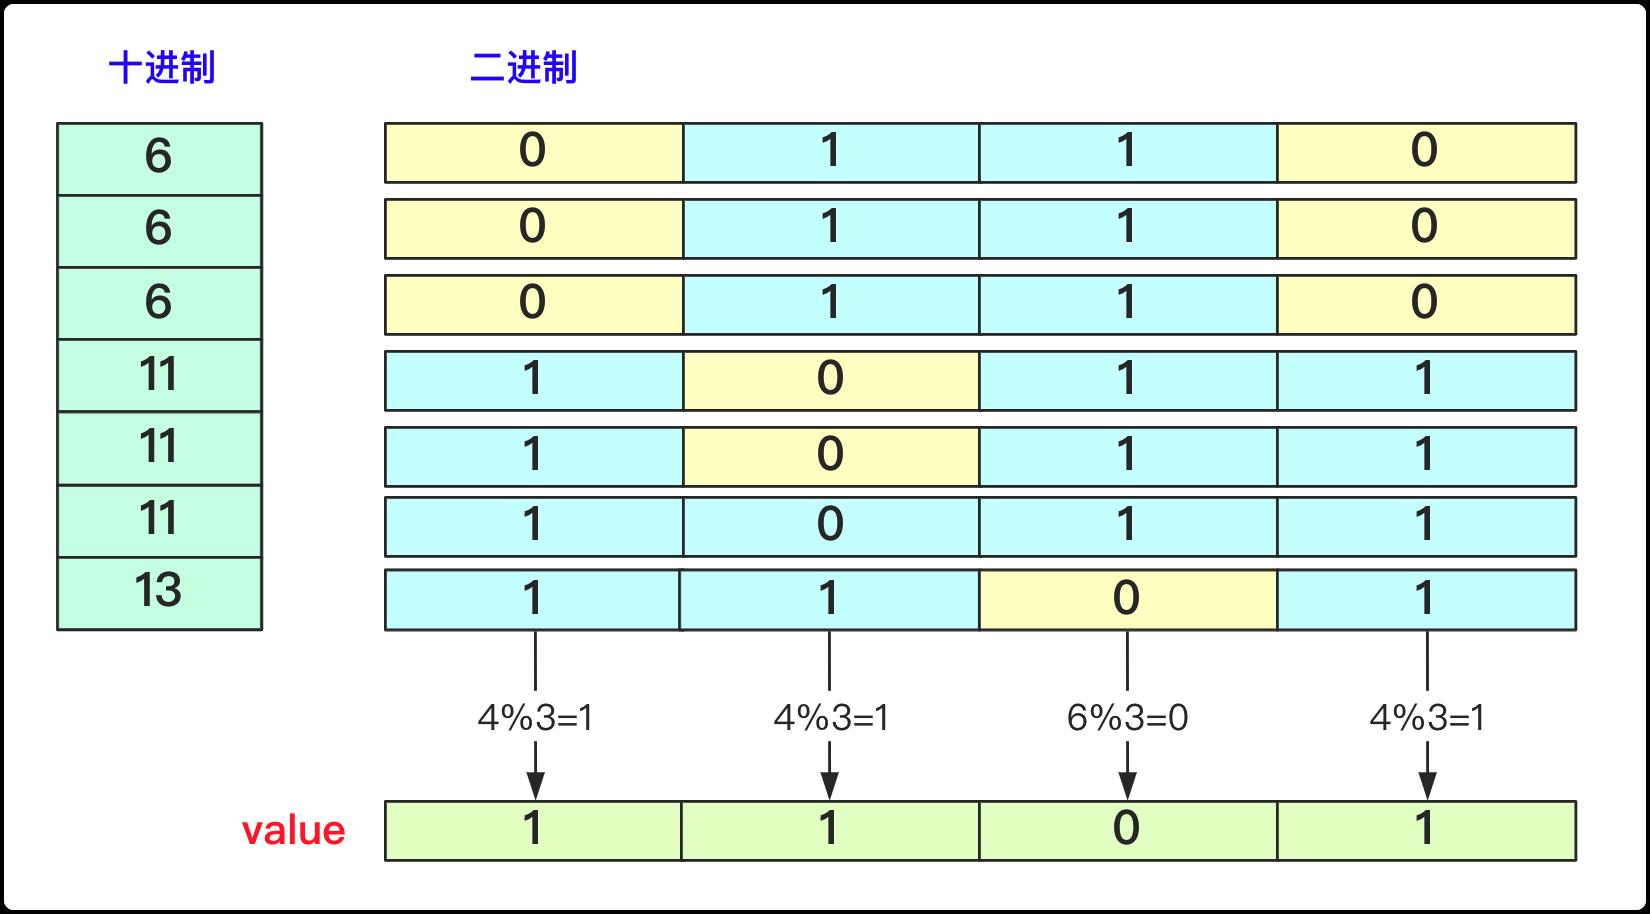 image-20210122122756549